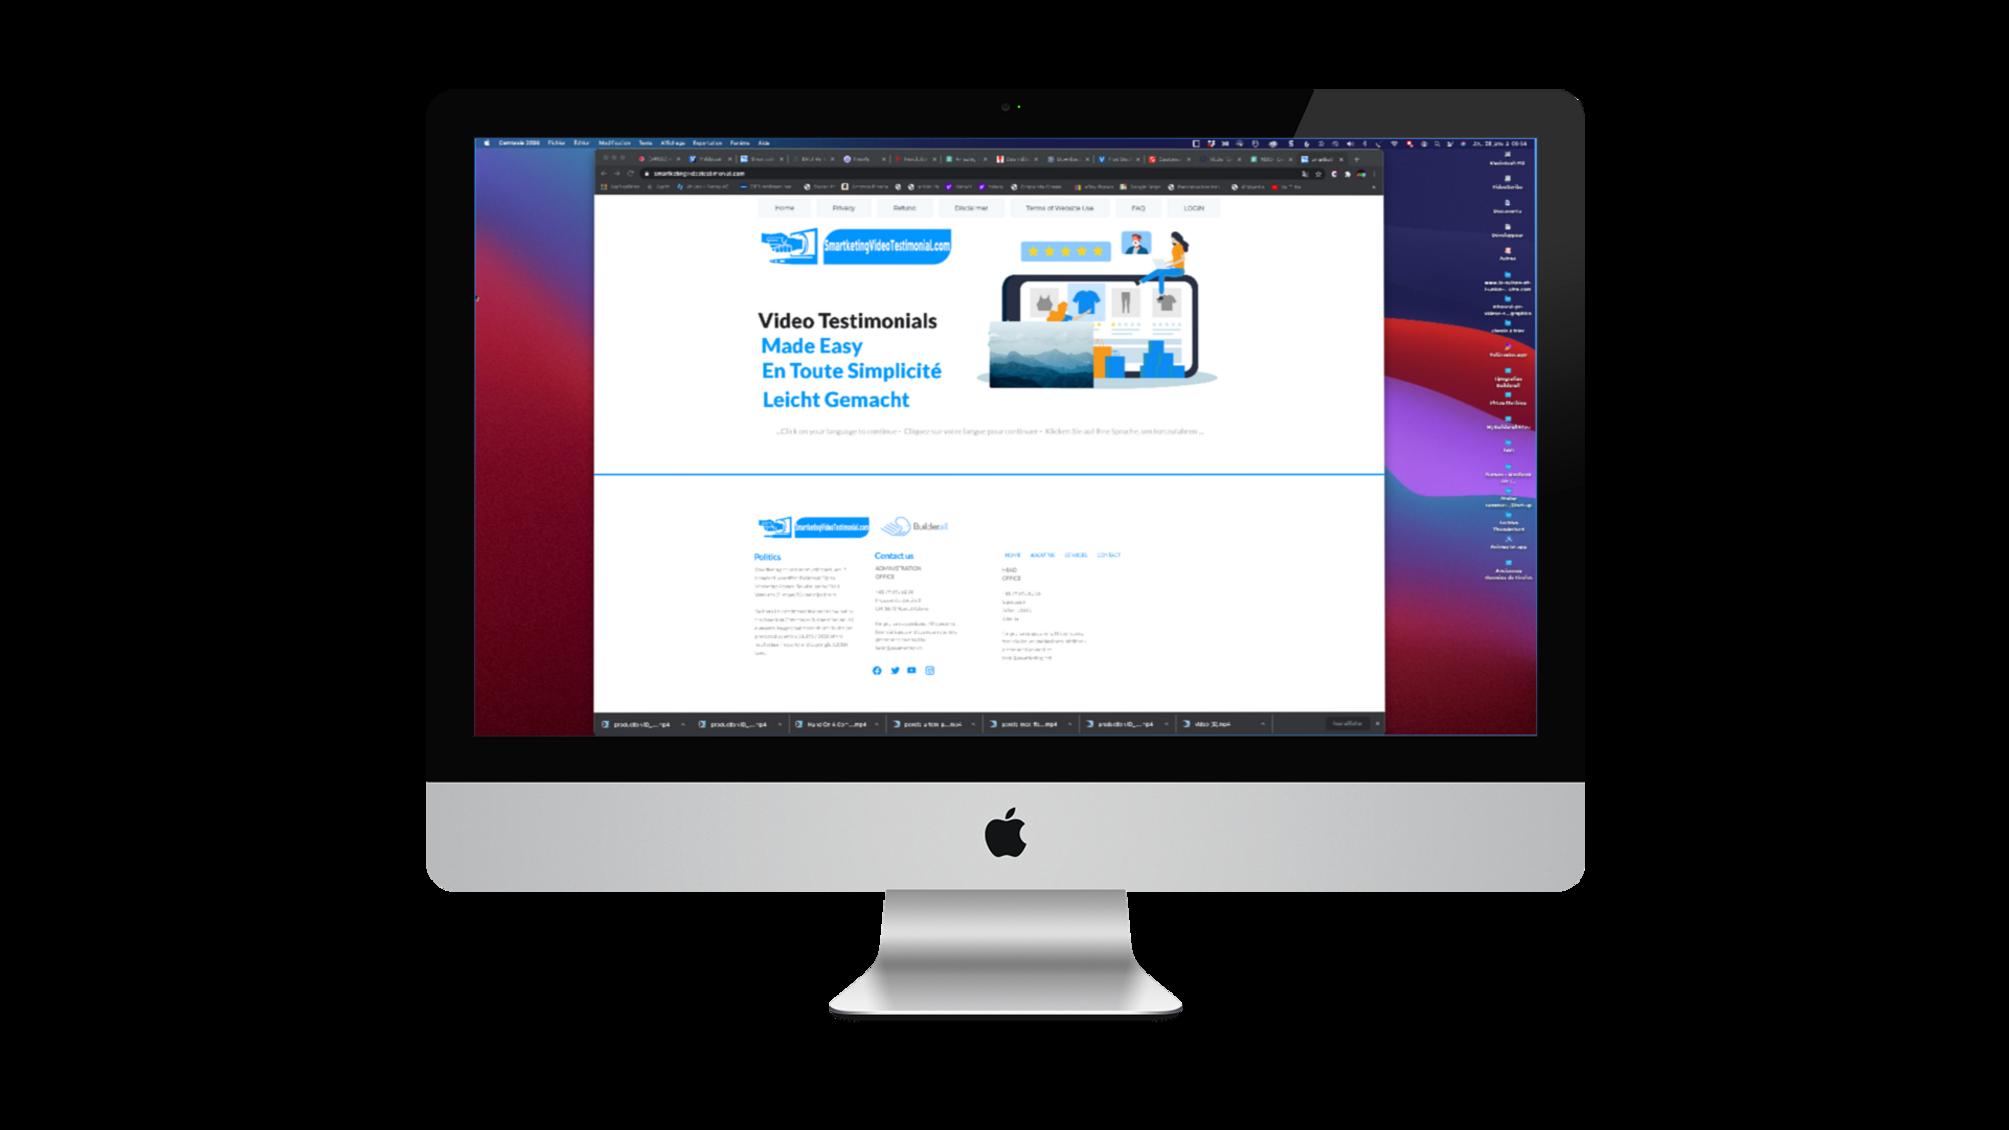 Lancement de la plateforme SaaS de témoignages vidéo pour les PME et les indépendants smartketingvideotestimonial.com